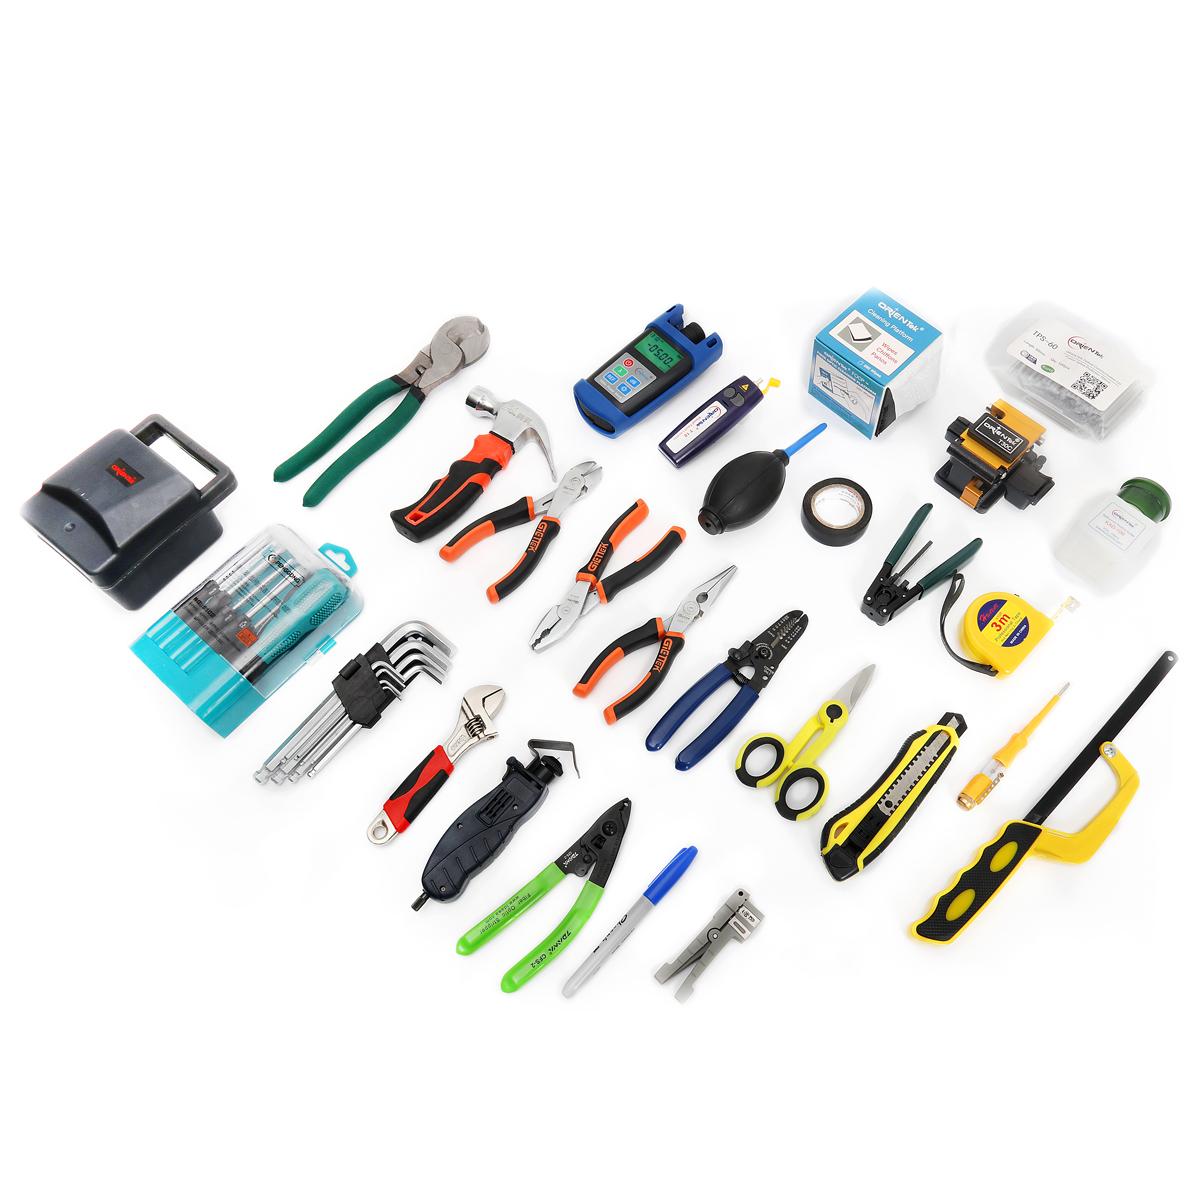 Tool-Kits (1)